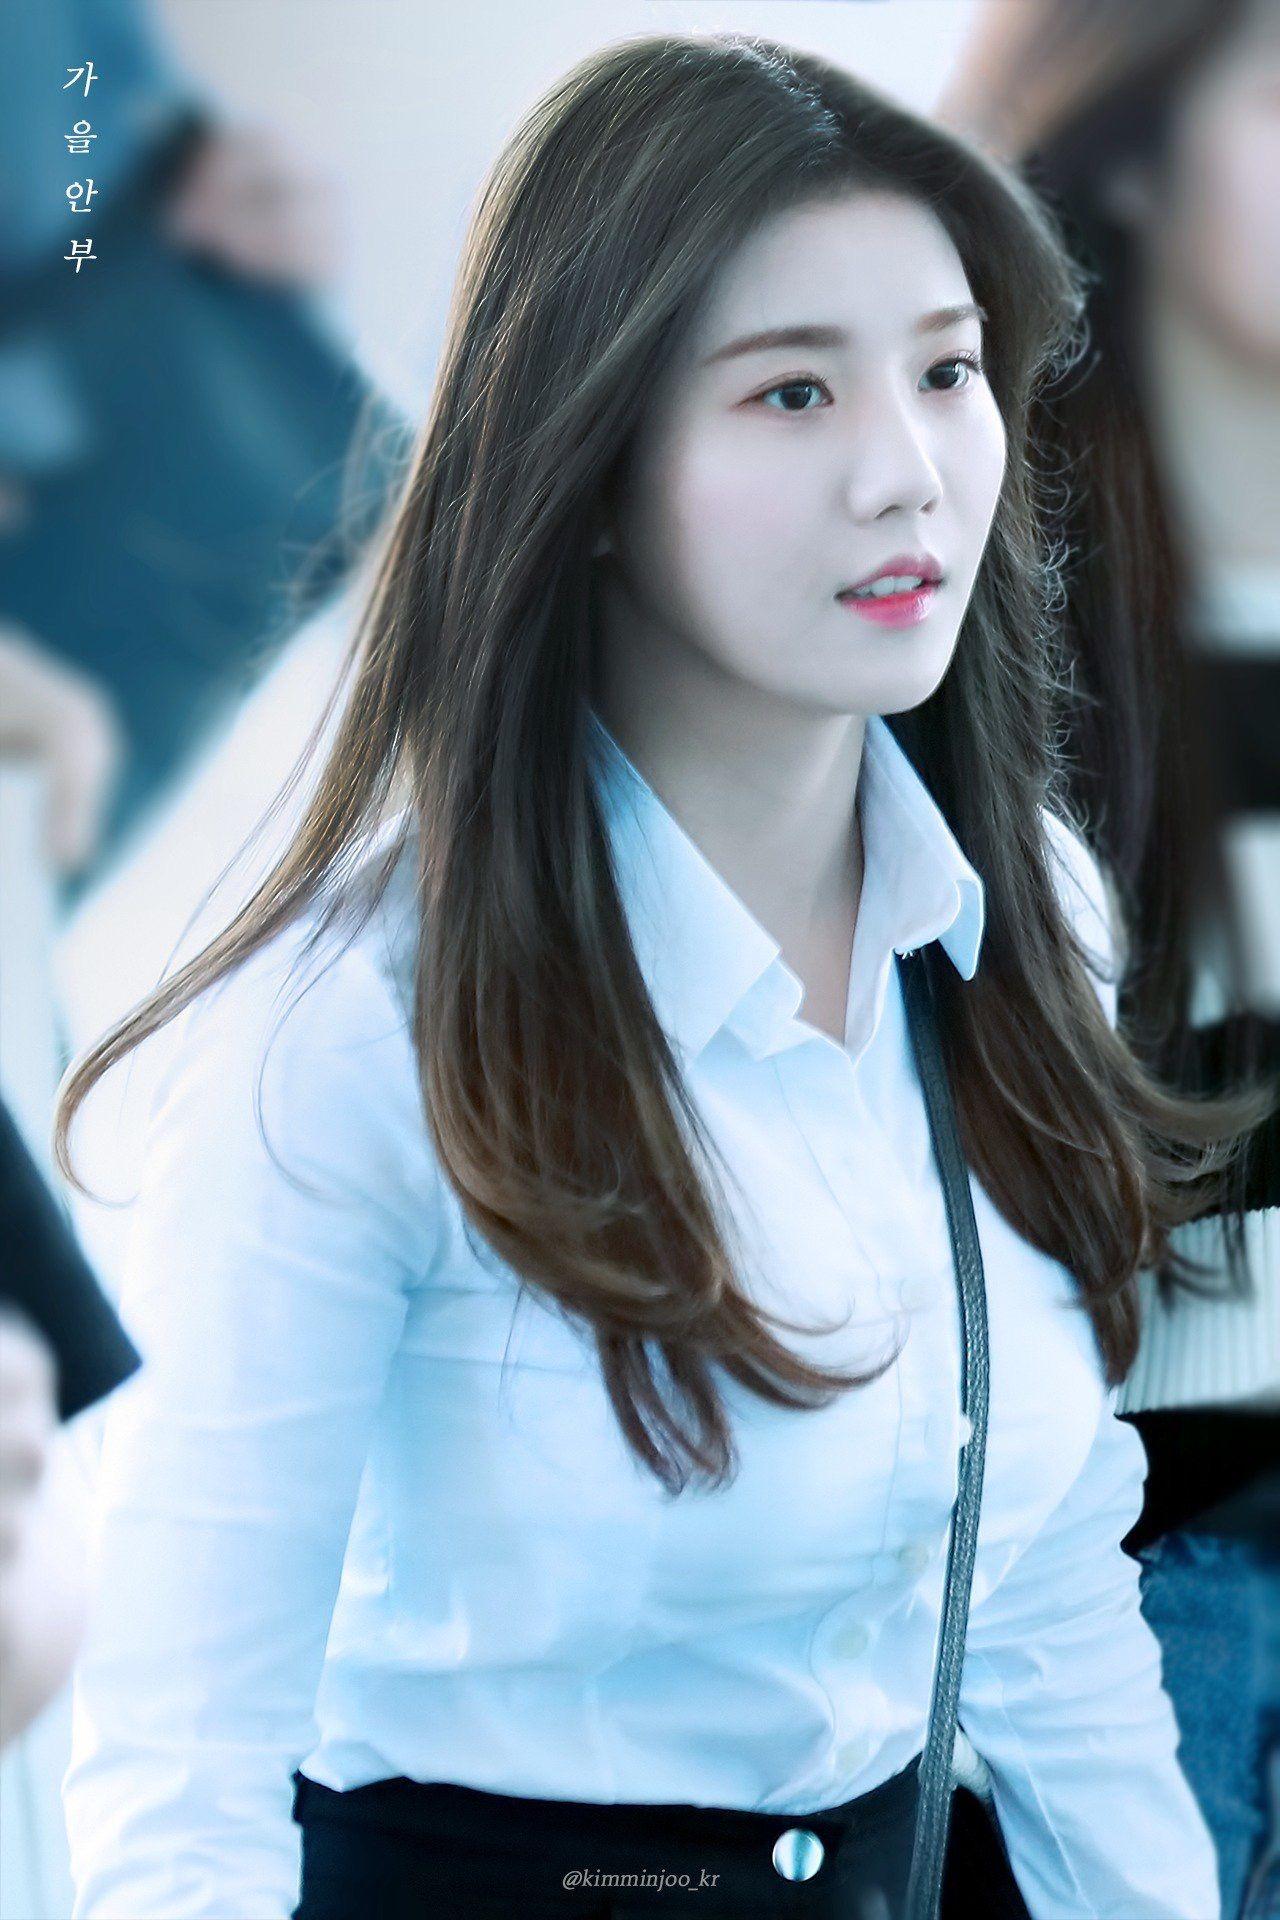 Kwon Eunbi   Kwon Eunbi (IZ*ONE) in 2019   Female, Asian